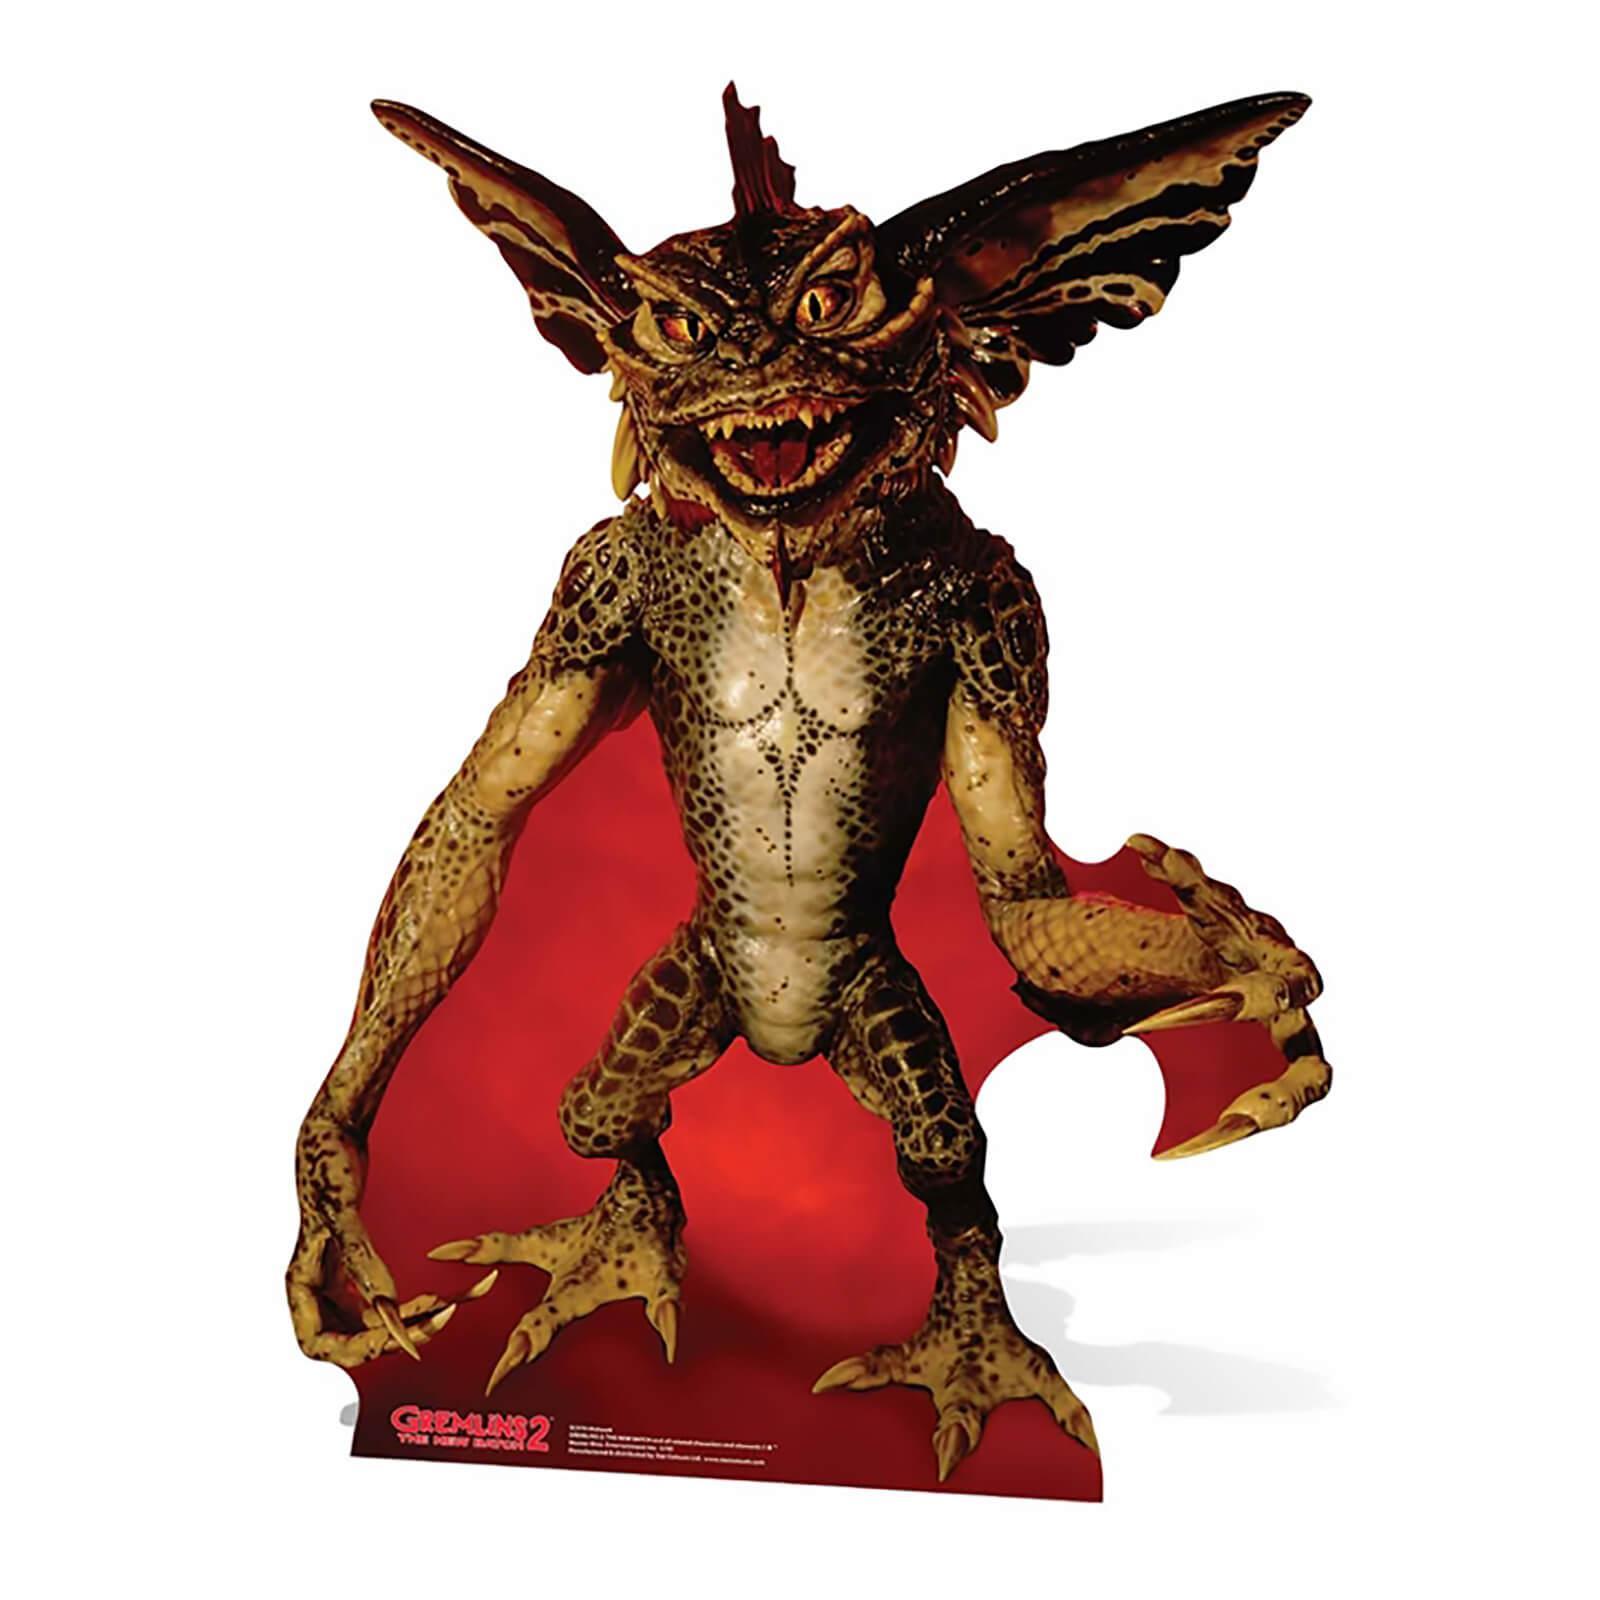 Gremlins evil mohawk 126cm cutout silhouette chevalet